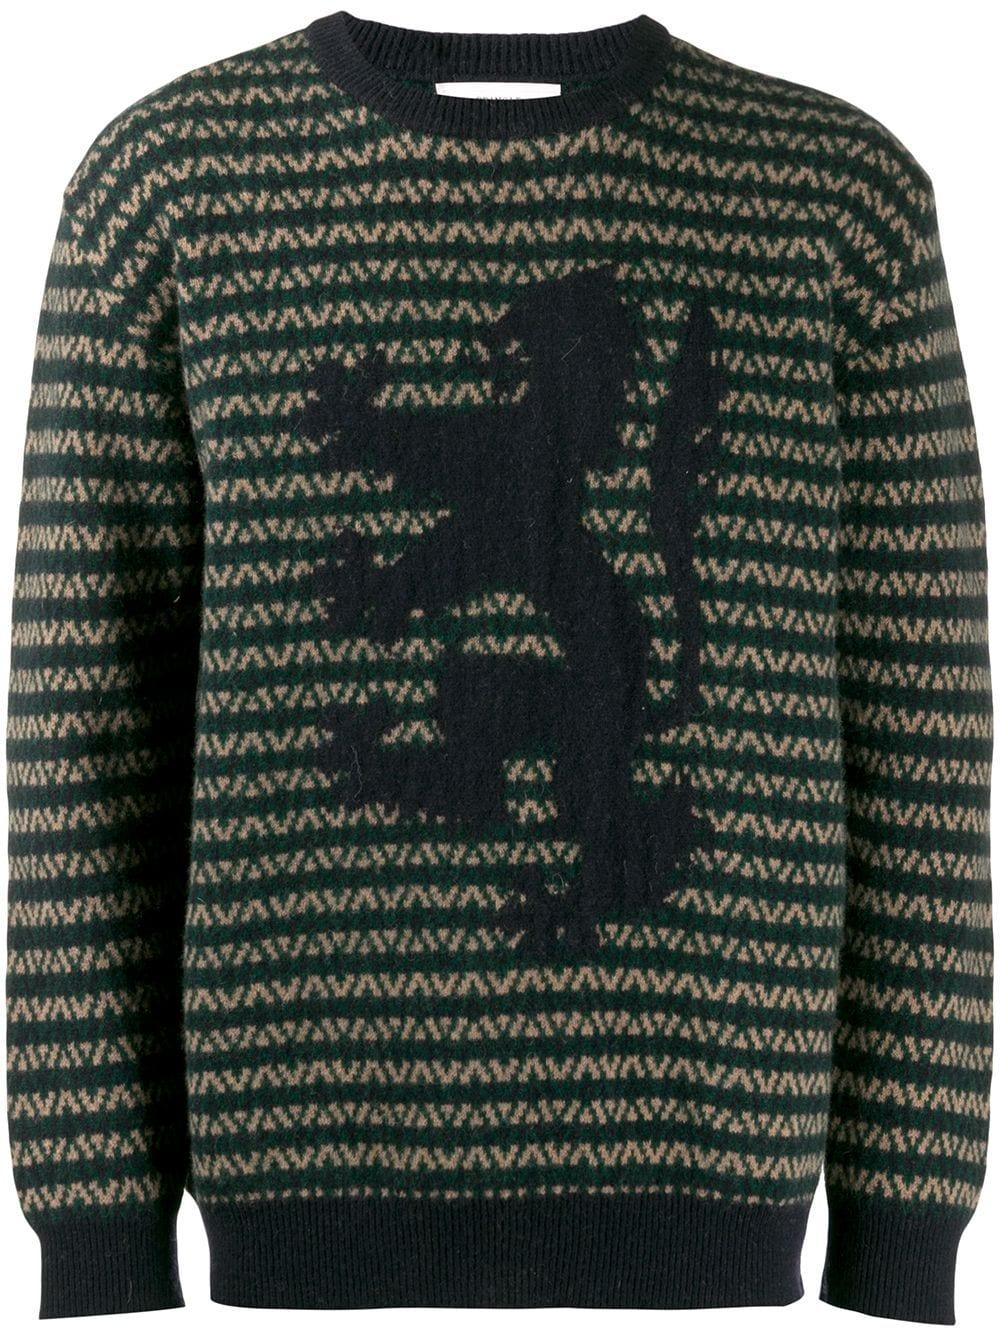 Pringle Of Scotland | Pringle of Scotland свитер вязки интарсия | Clouty